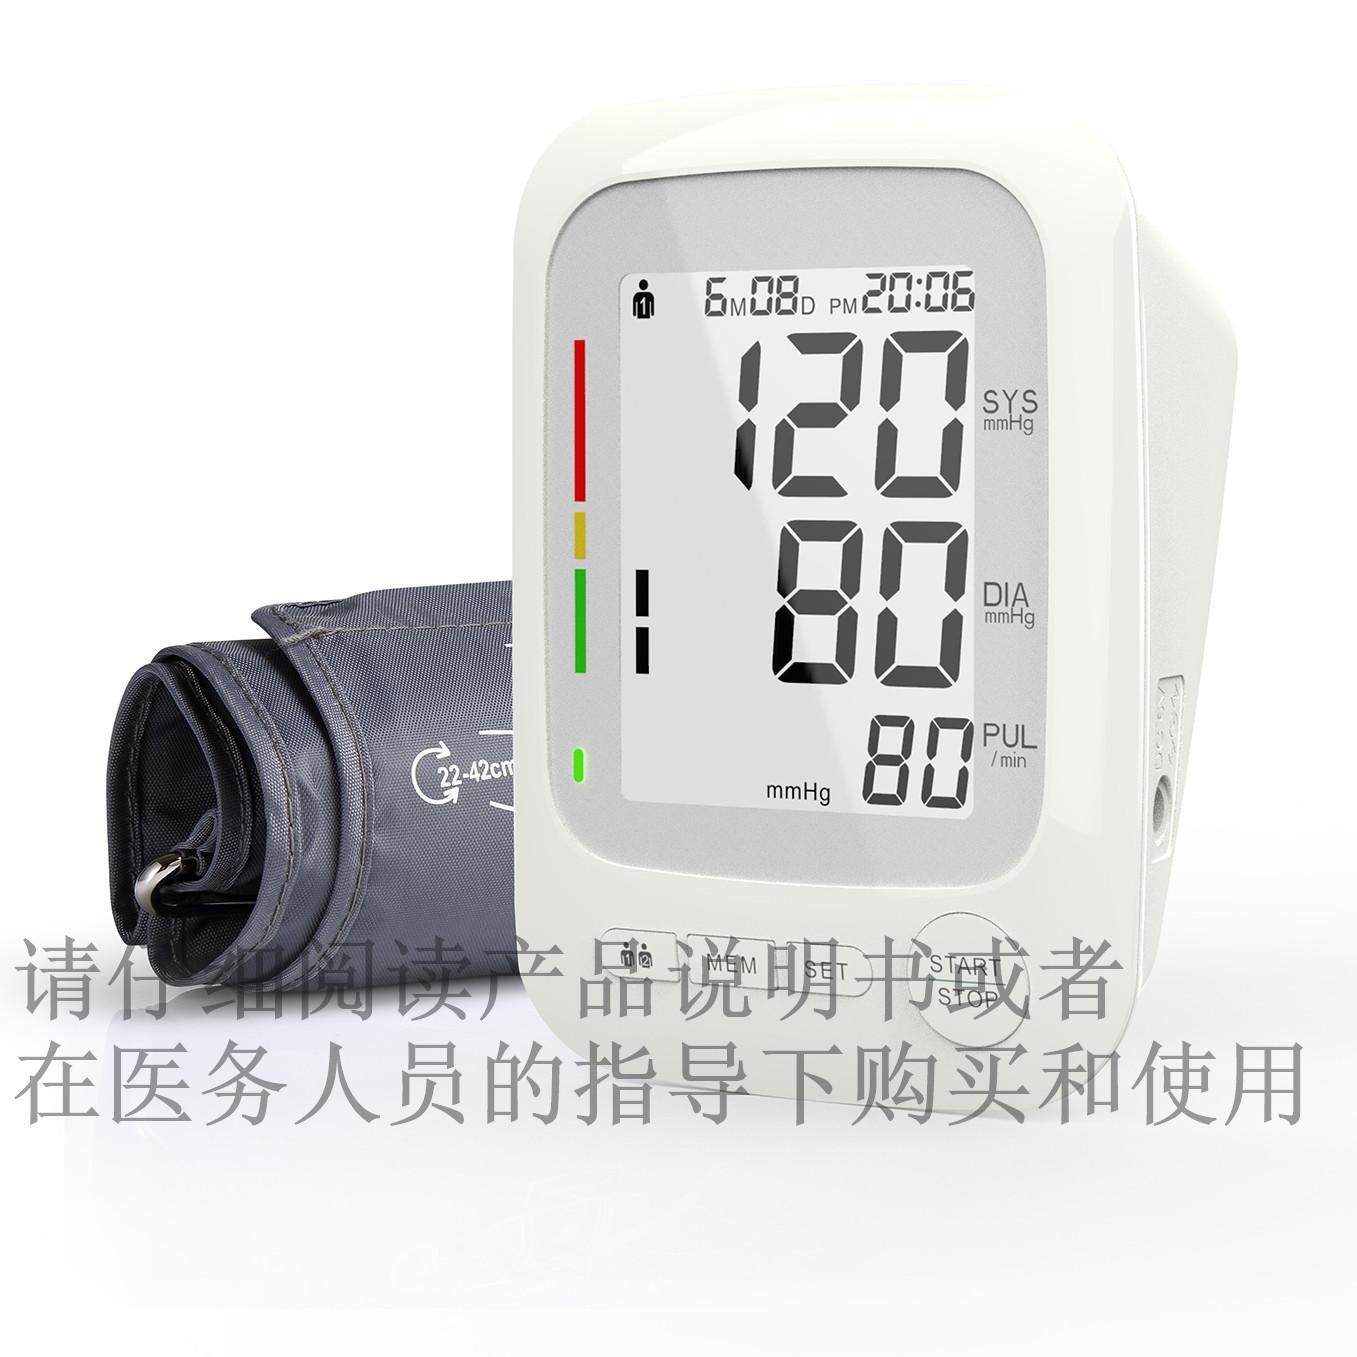 广州上臂式血压计哪种好